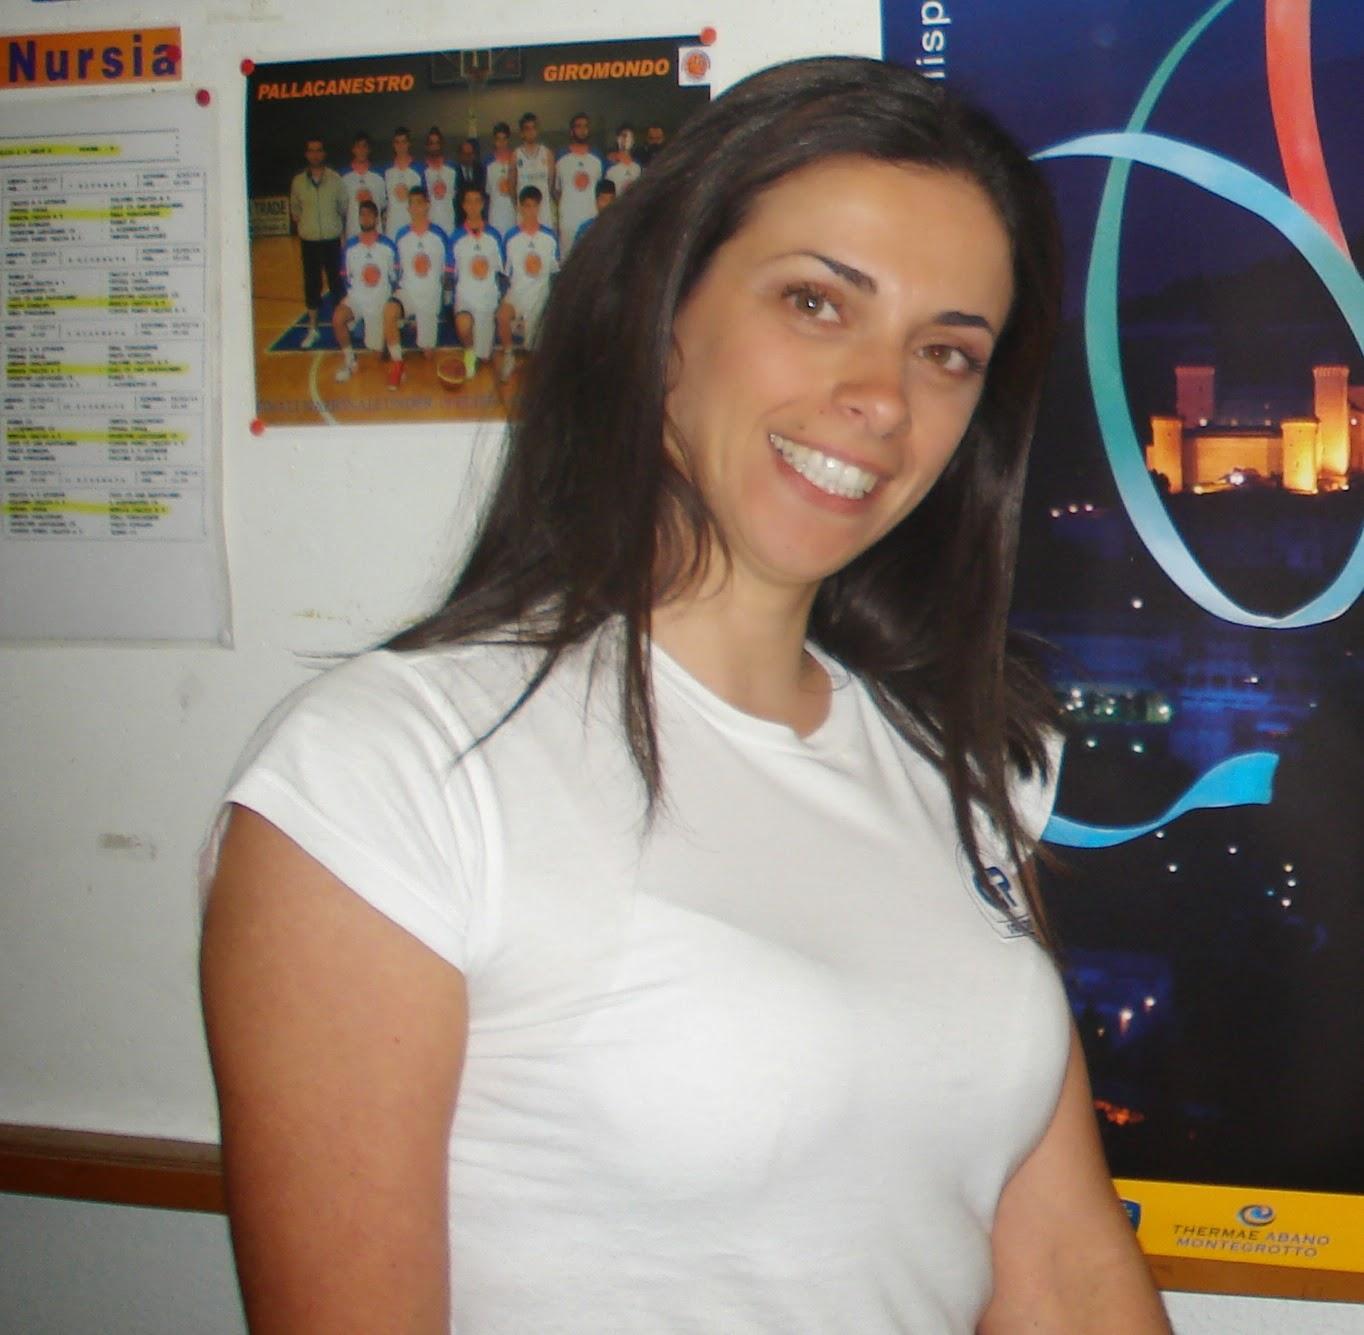 Atleta Notizie: Ginnastica, Salerno Protagonista Al Campus